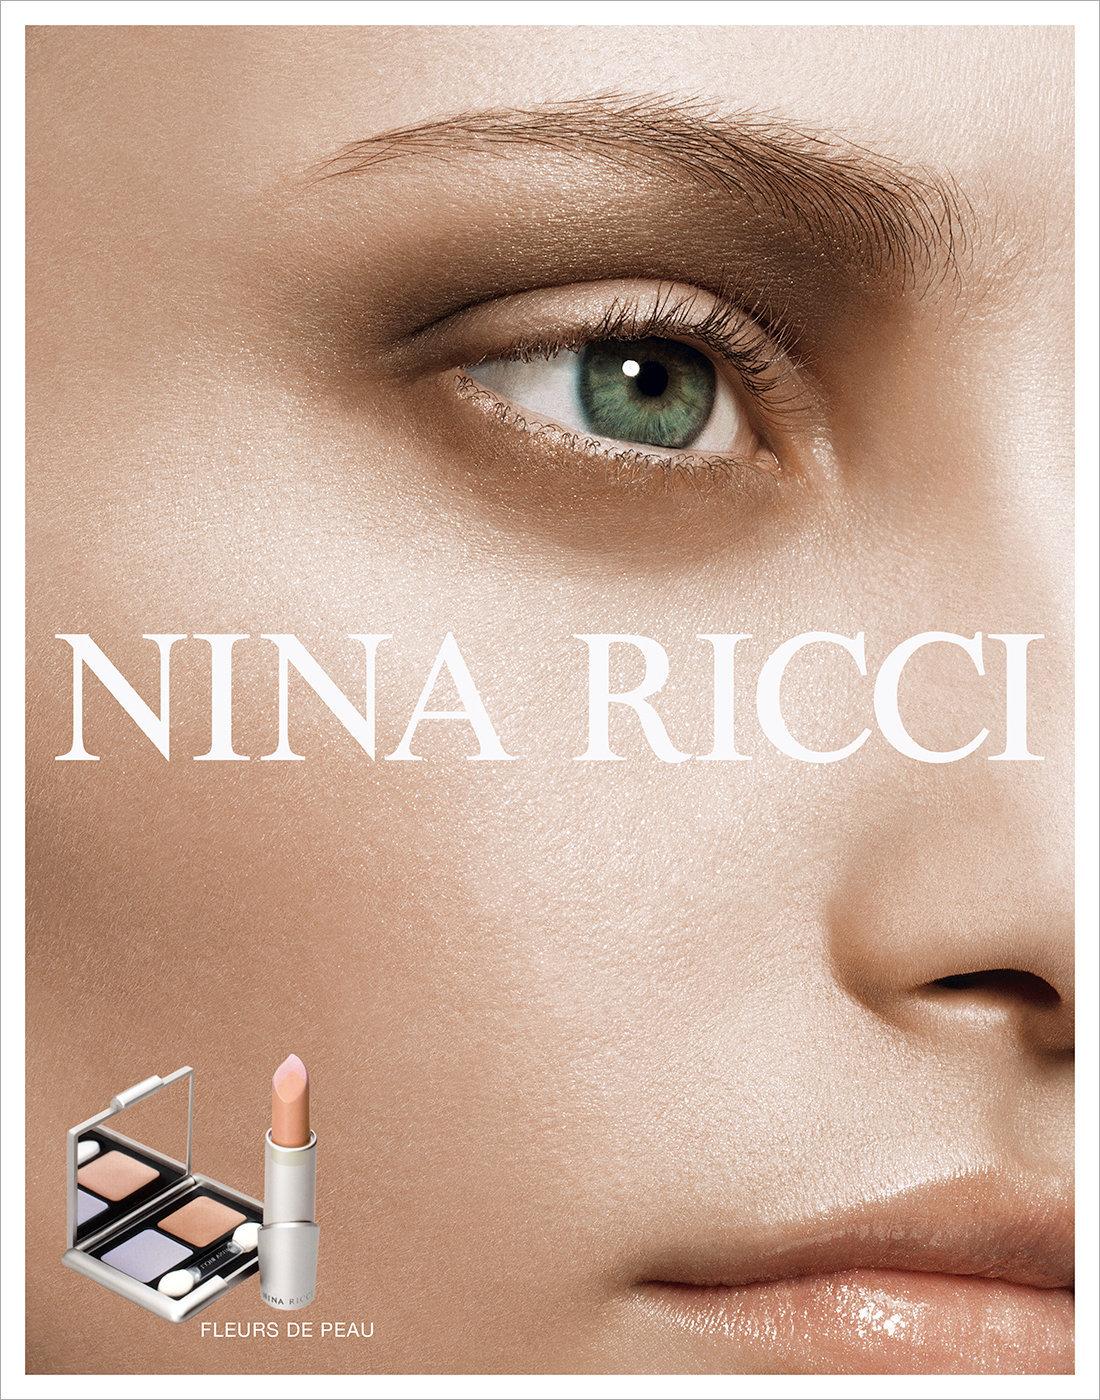 000_Nina-Ricci_11x14_lr.jpg